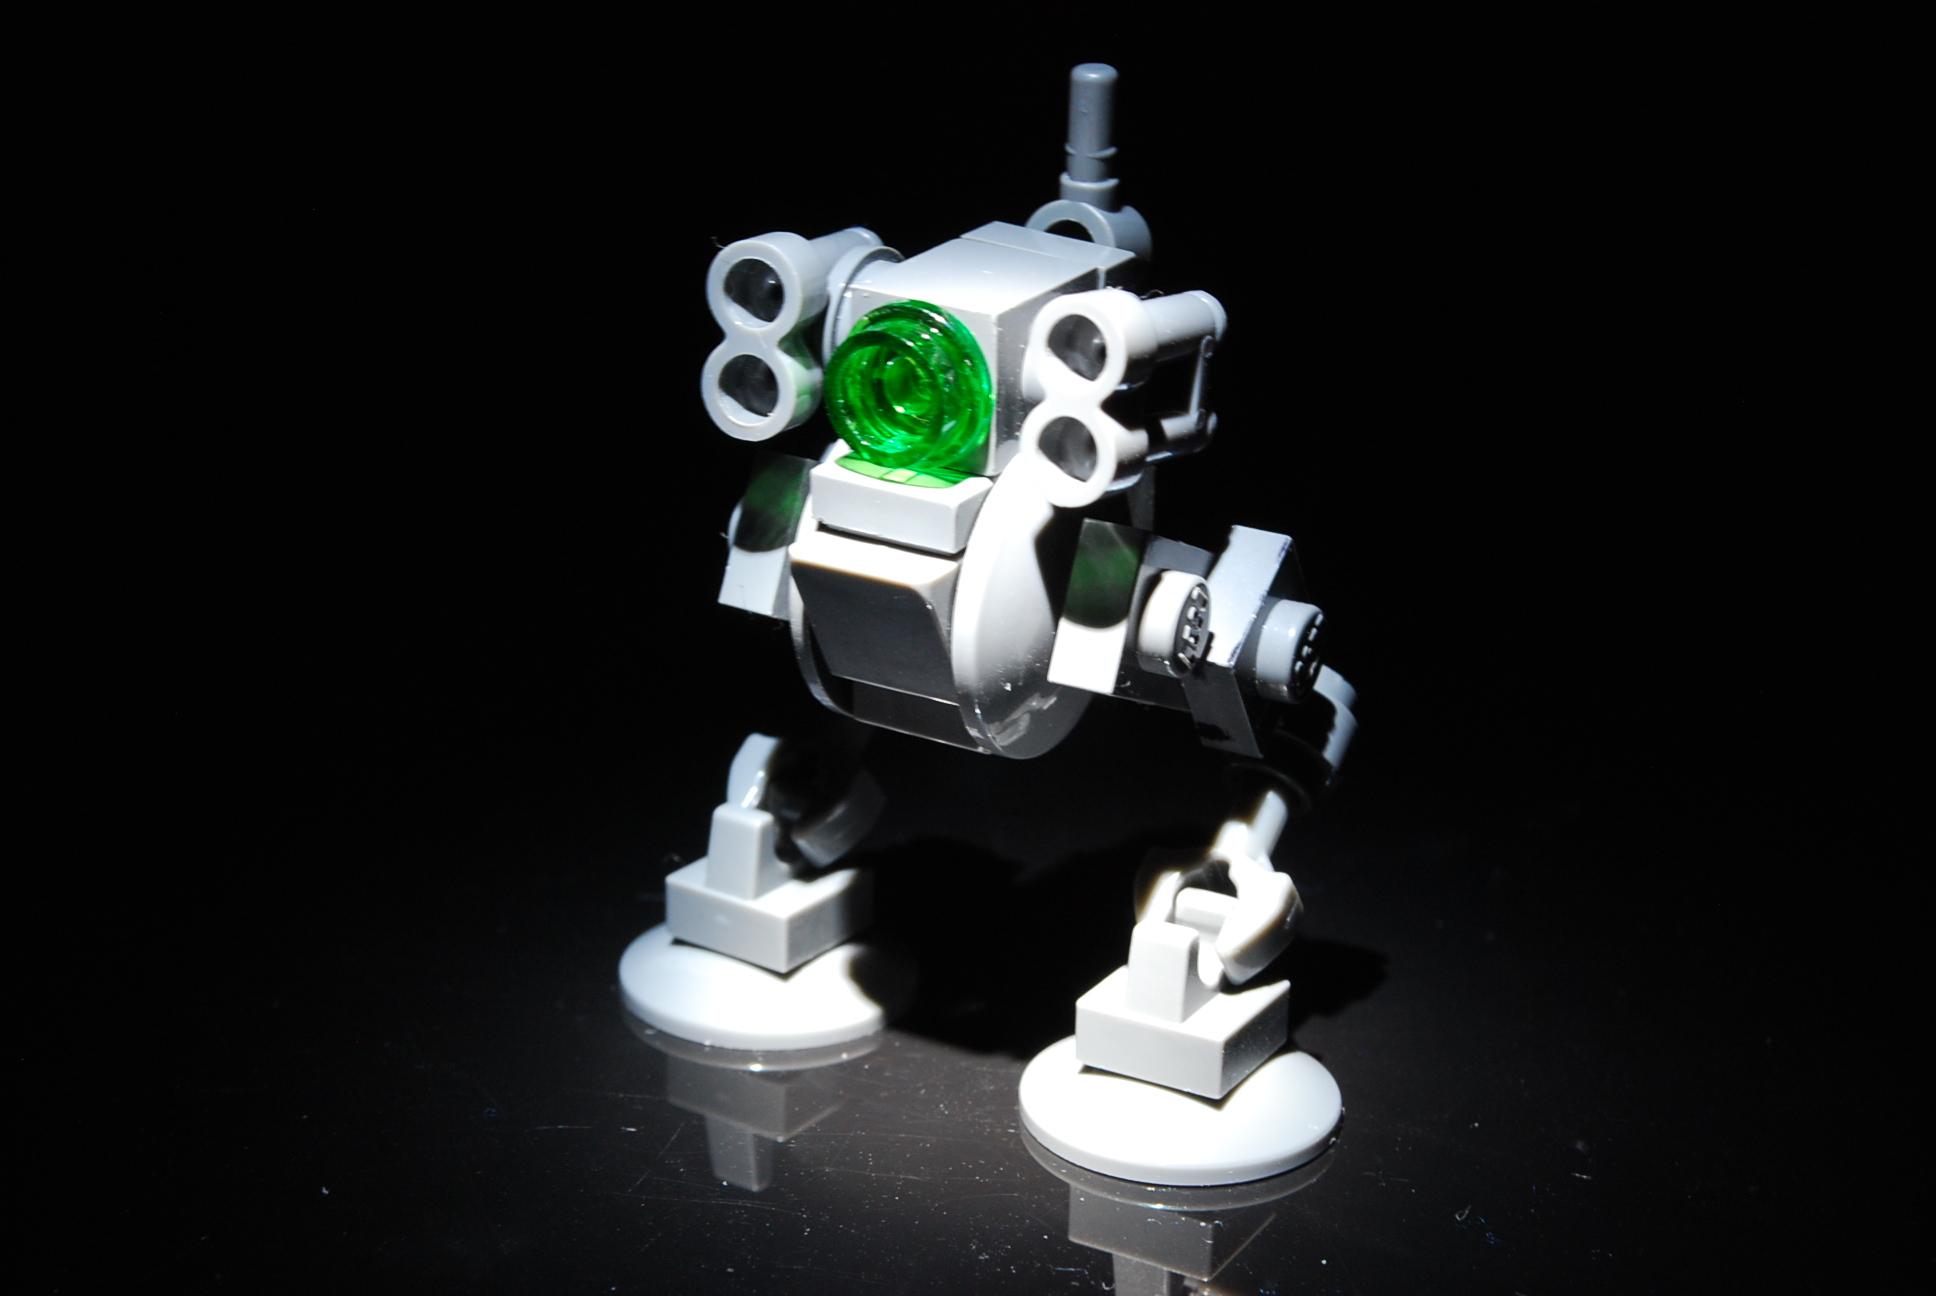 Stehlen Modern hintergrundbilder roboter platz futuristisch krieg lego